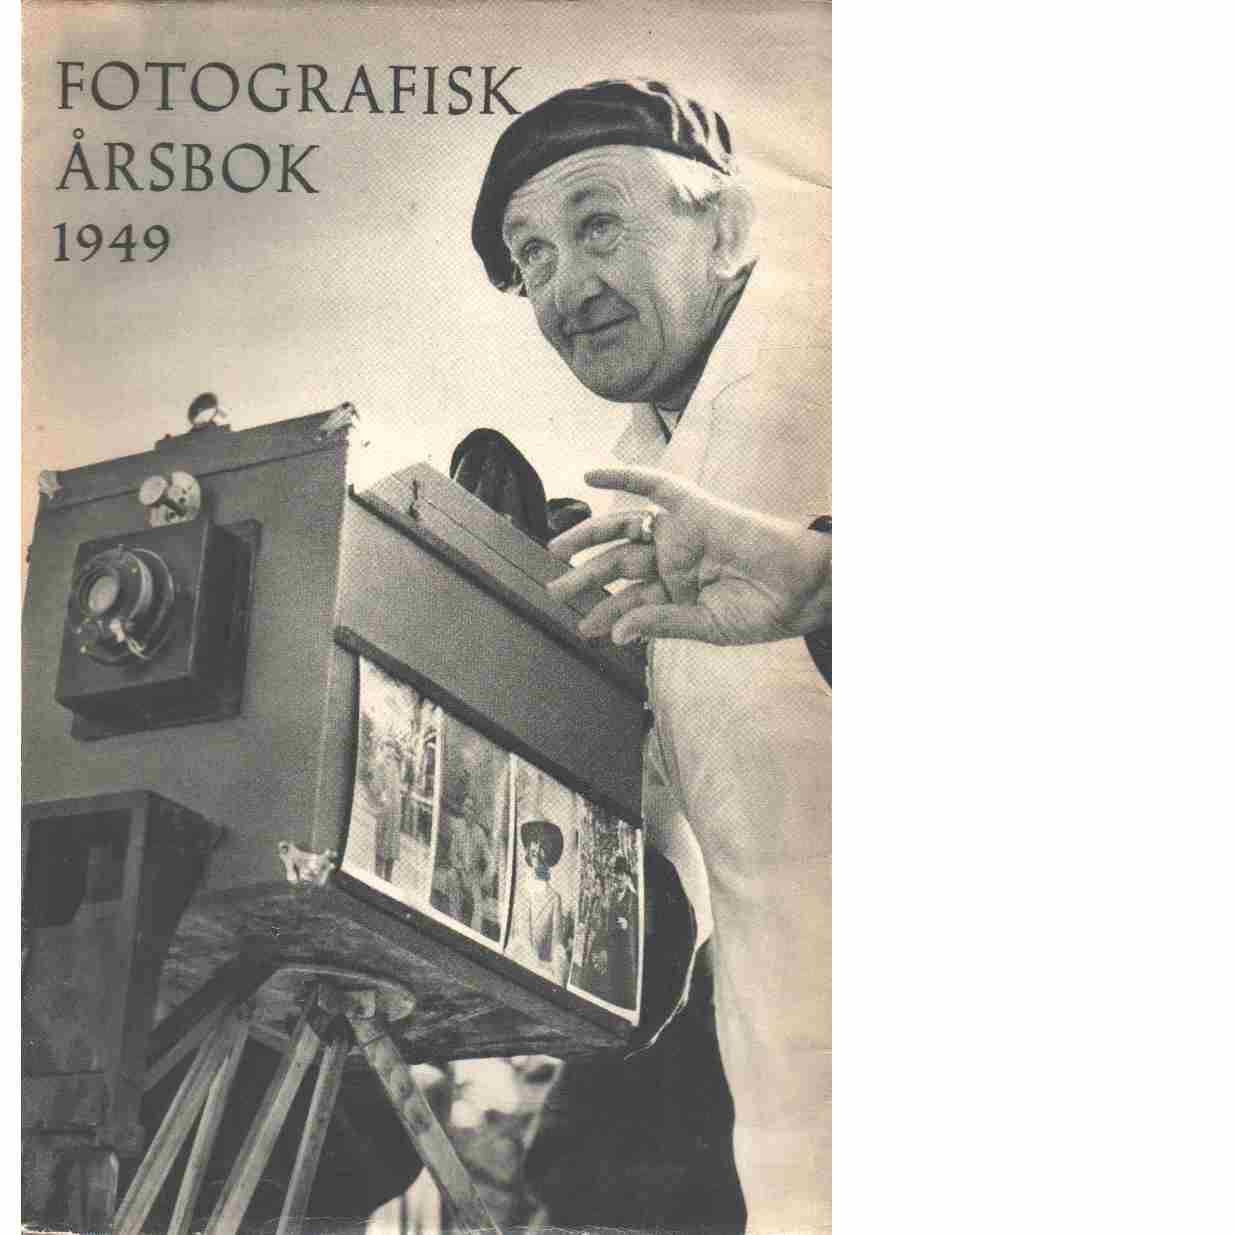 Fotografisk årsbok. 1949 - Red.